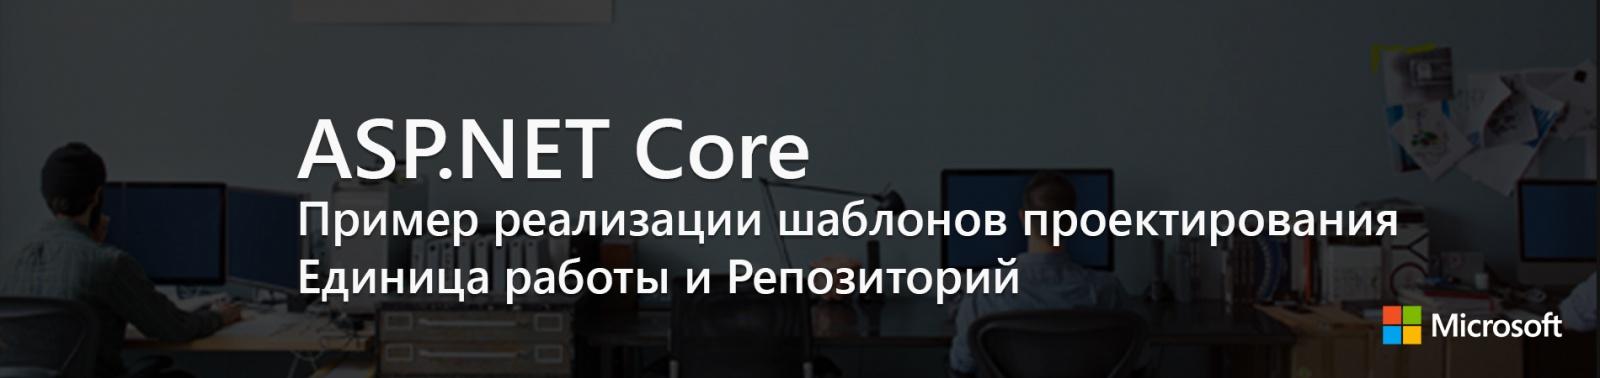 ASP.NET Core: Пример реализации шаблонов проектирования Единица работы и Репозиторий - 1